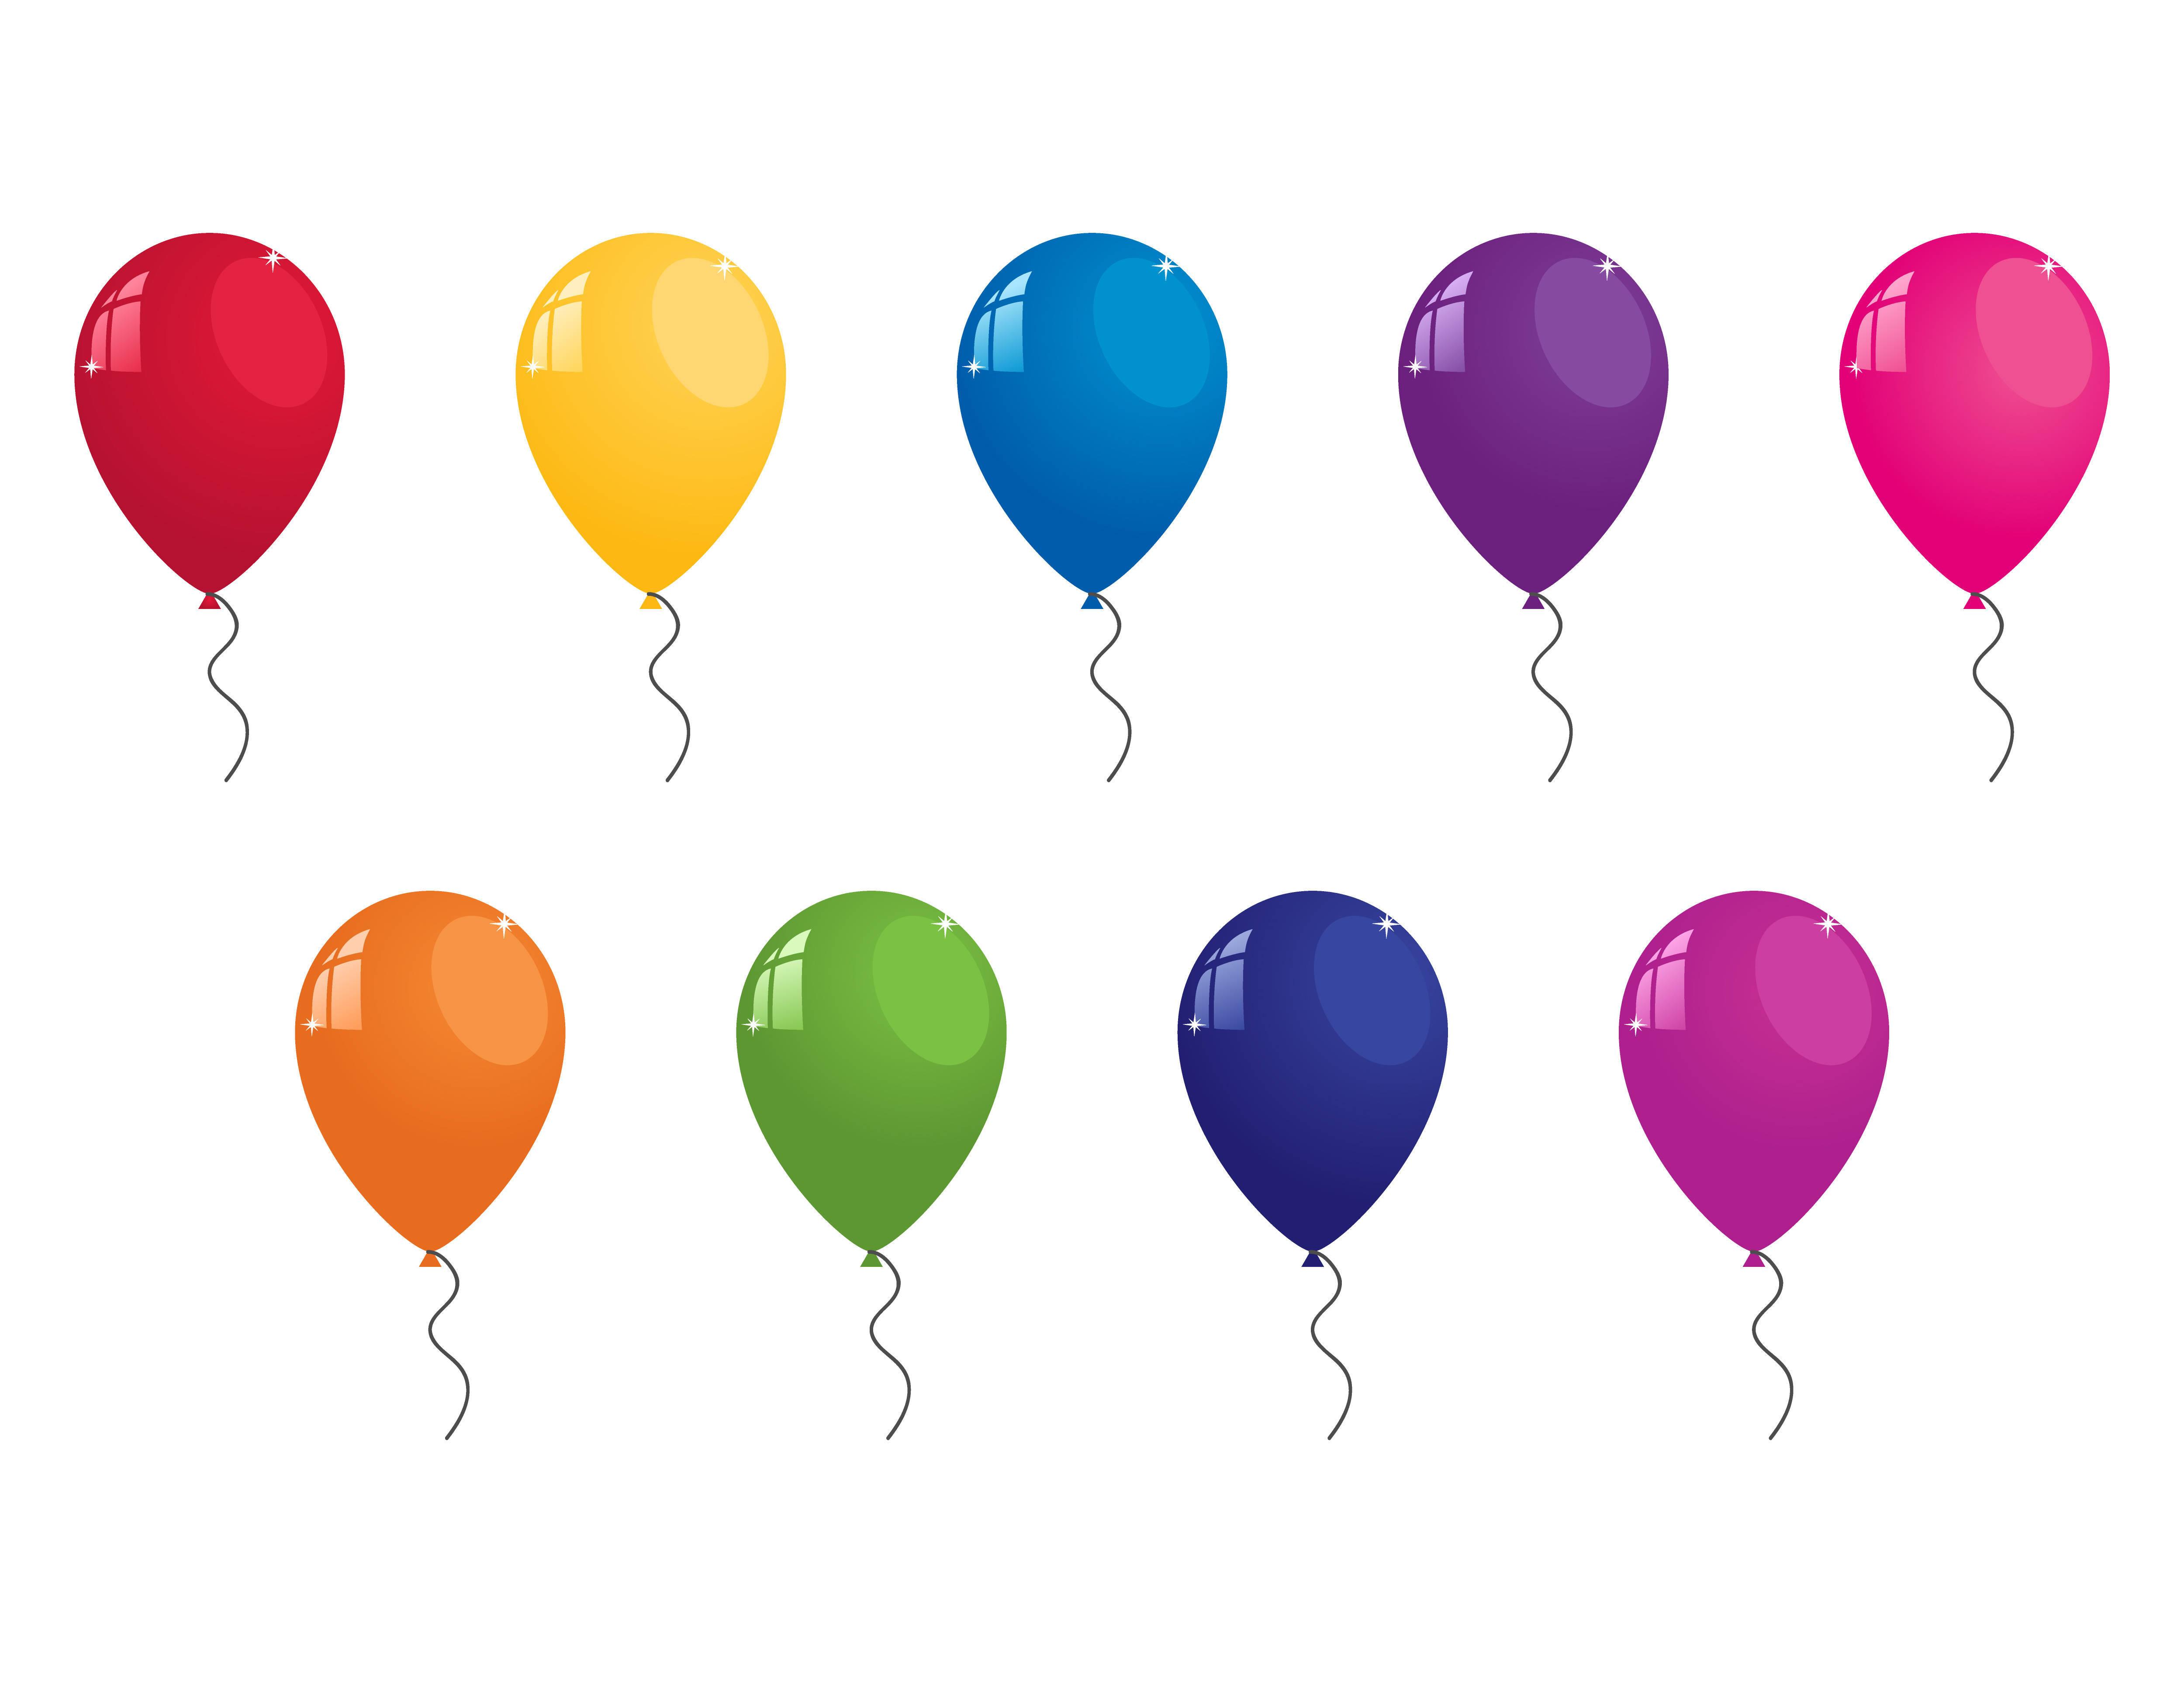 Tipos de globos para decorar conciertos